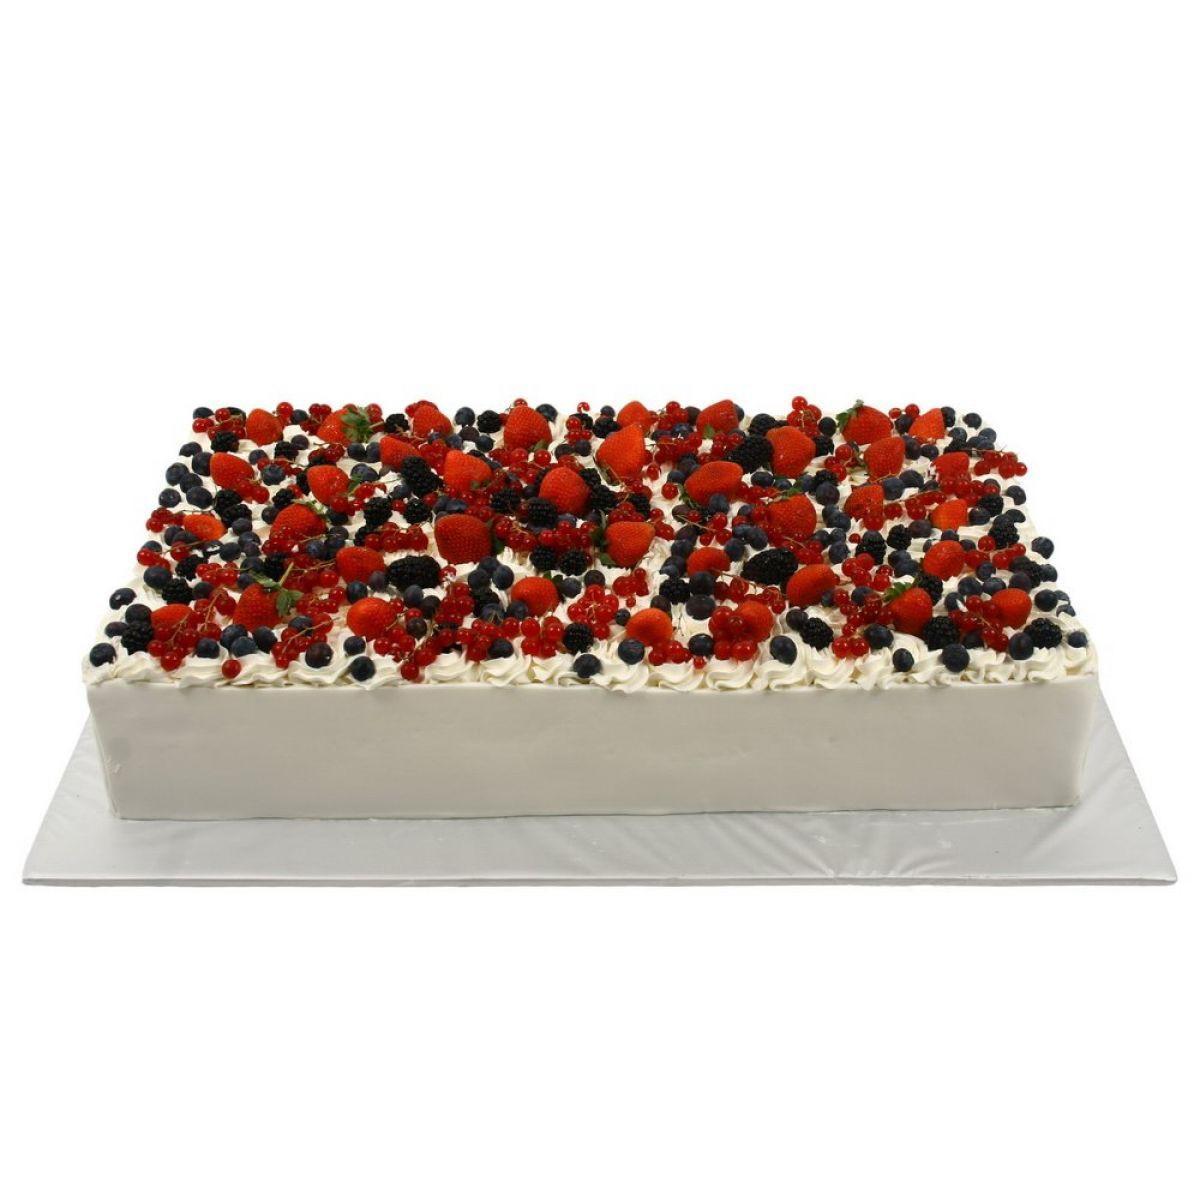 №633 Торт ягоды